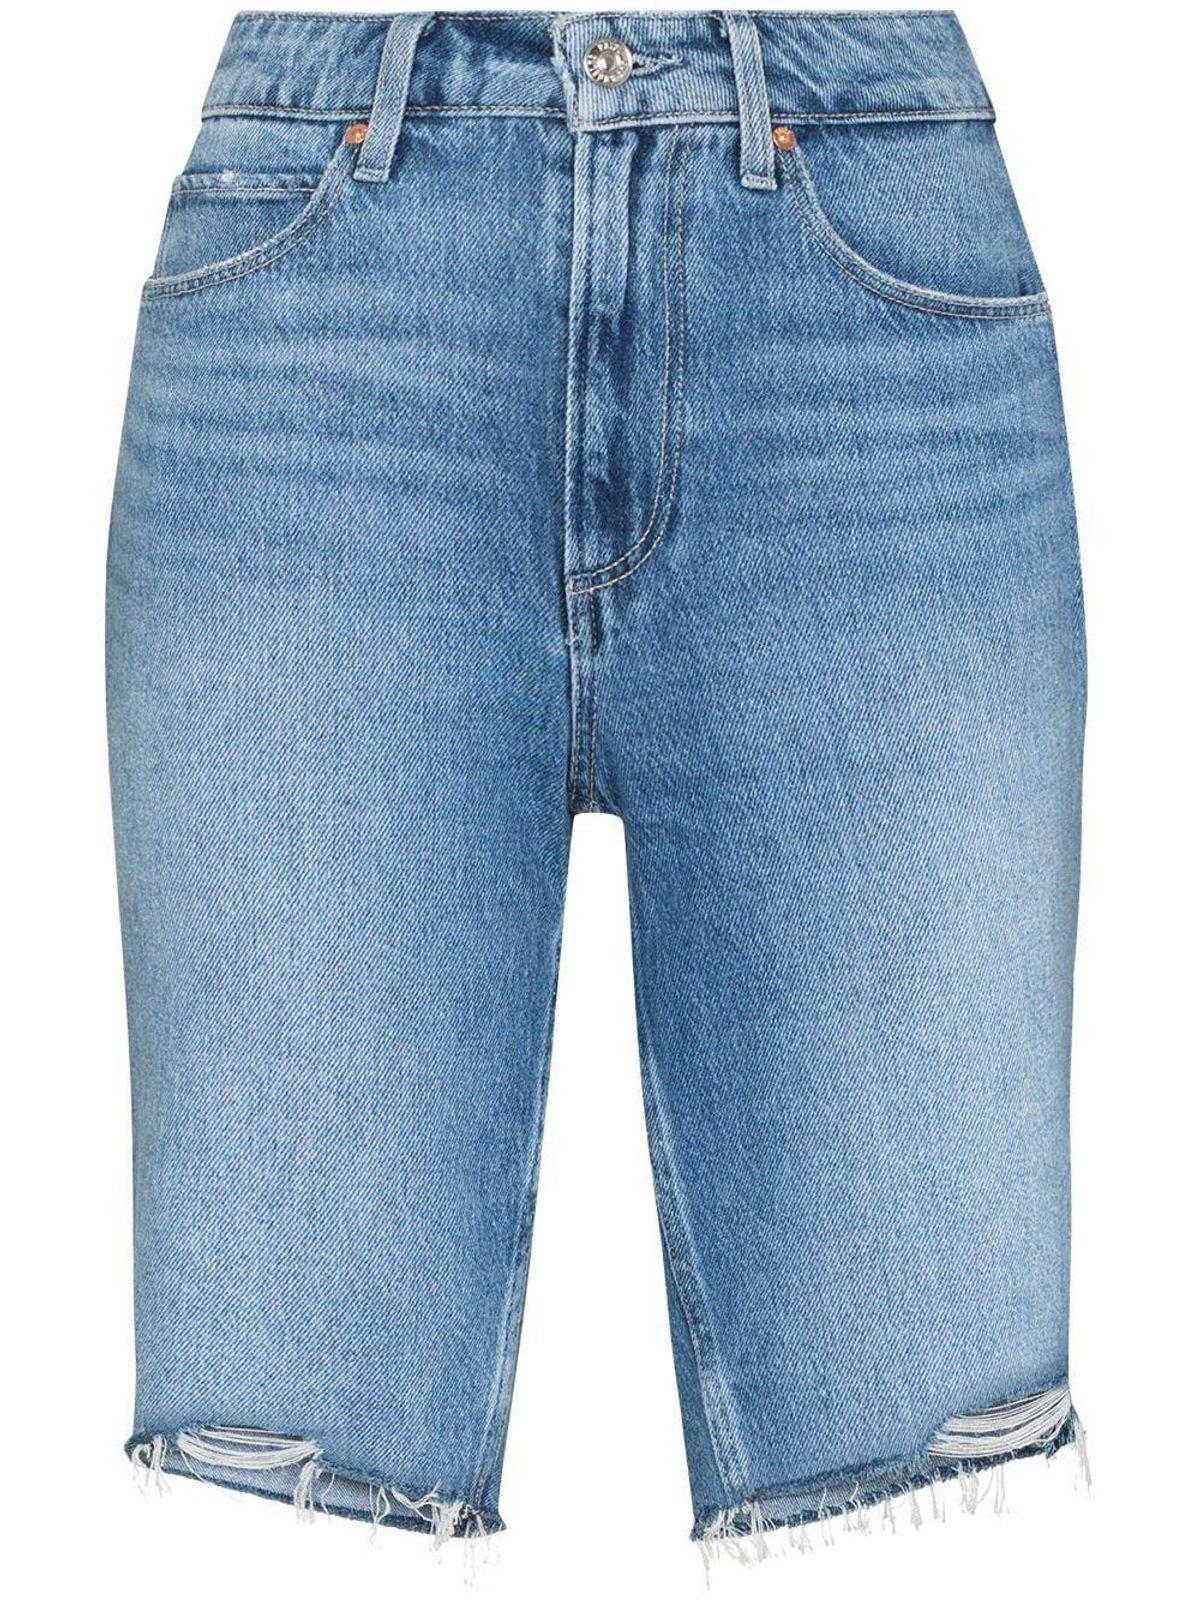 Robbie Denim Bermuda Shorts